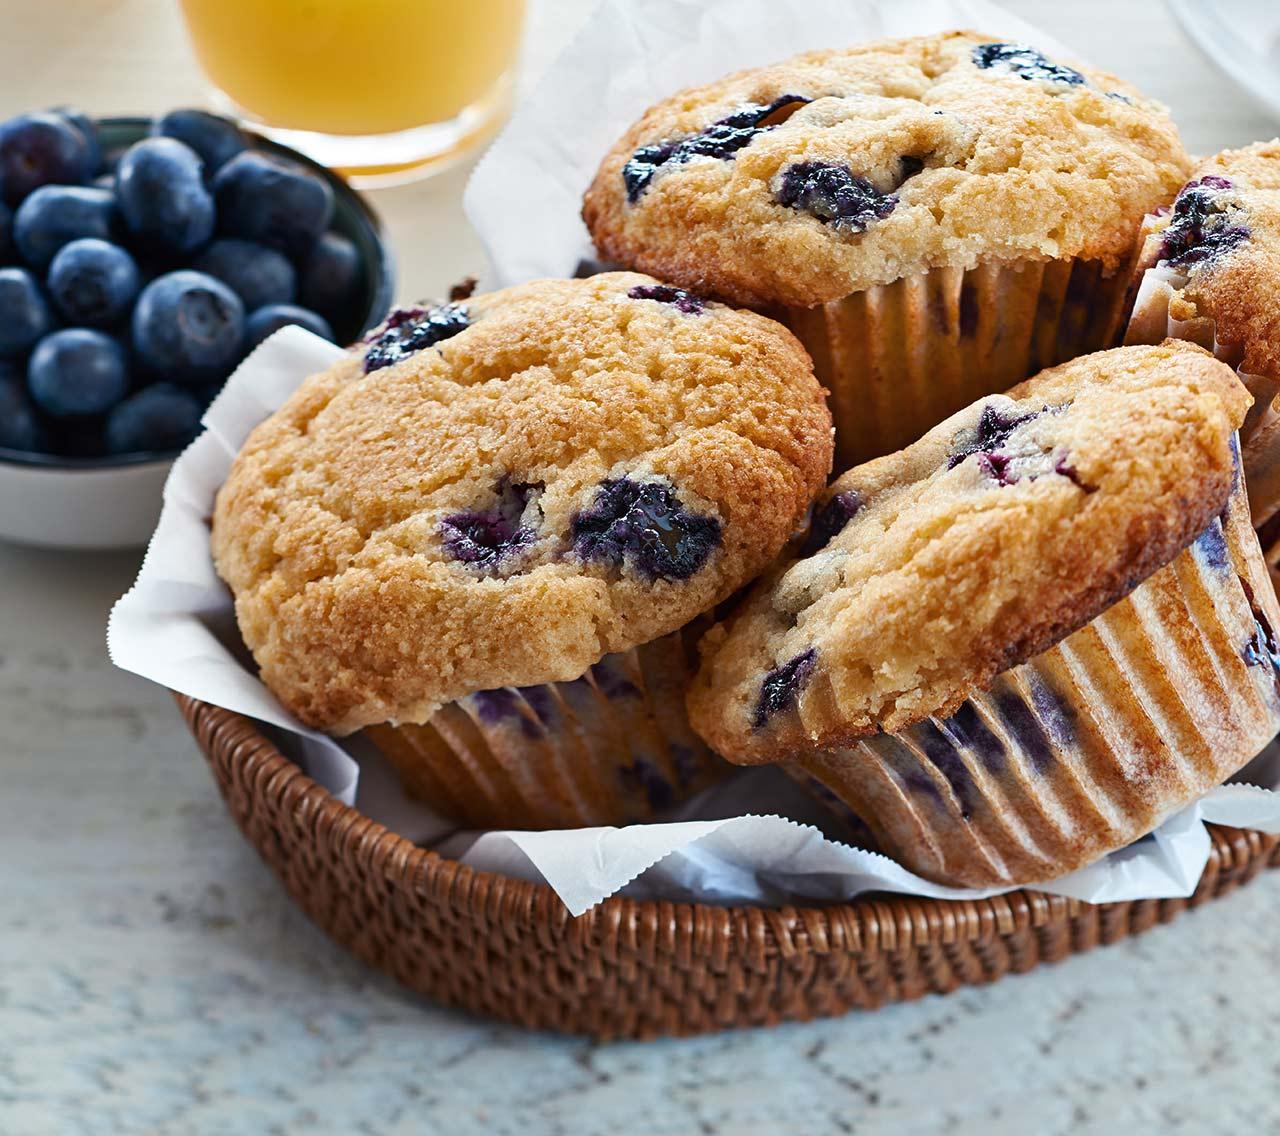 Gluten Free Blueberry Buttermilk Muffins